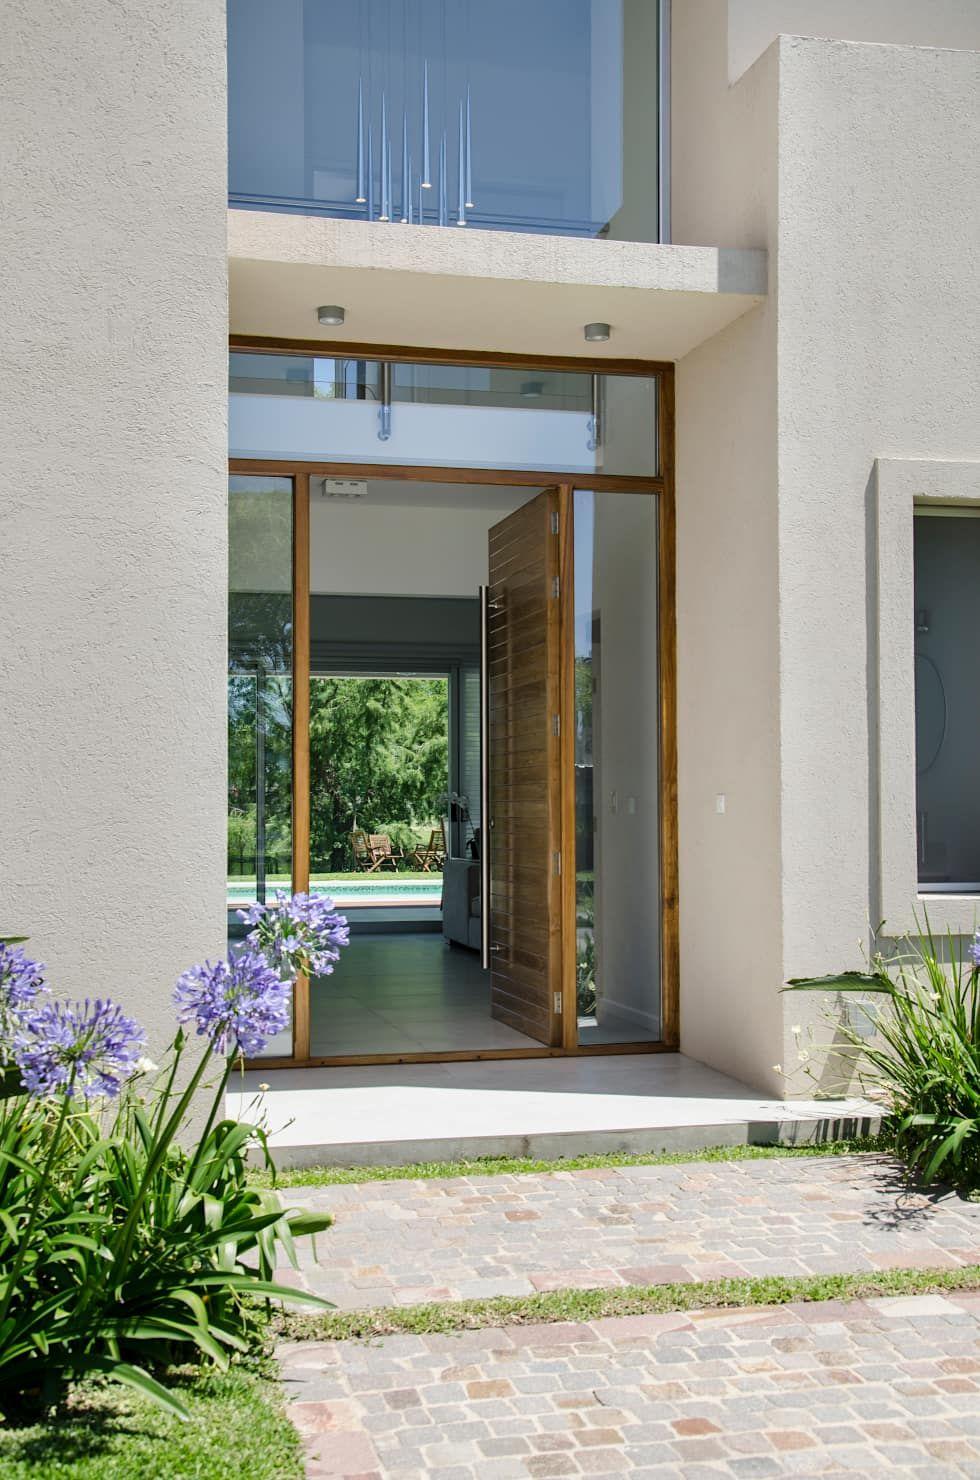 Puerta principal ventanas de estilo por parrado - Puertas de casas modernas ...